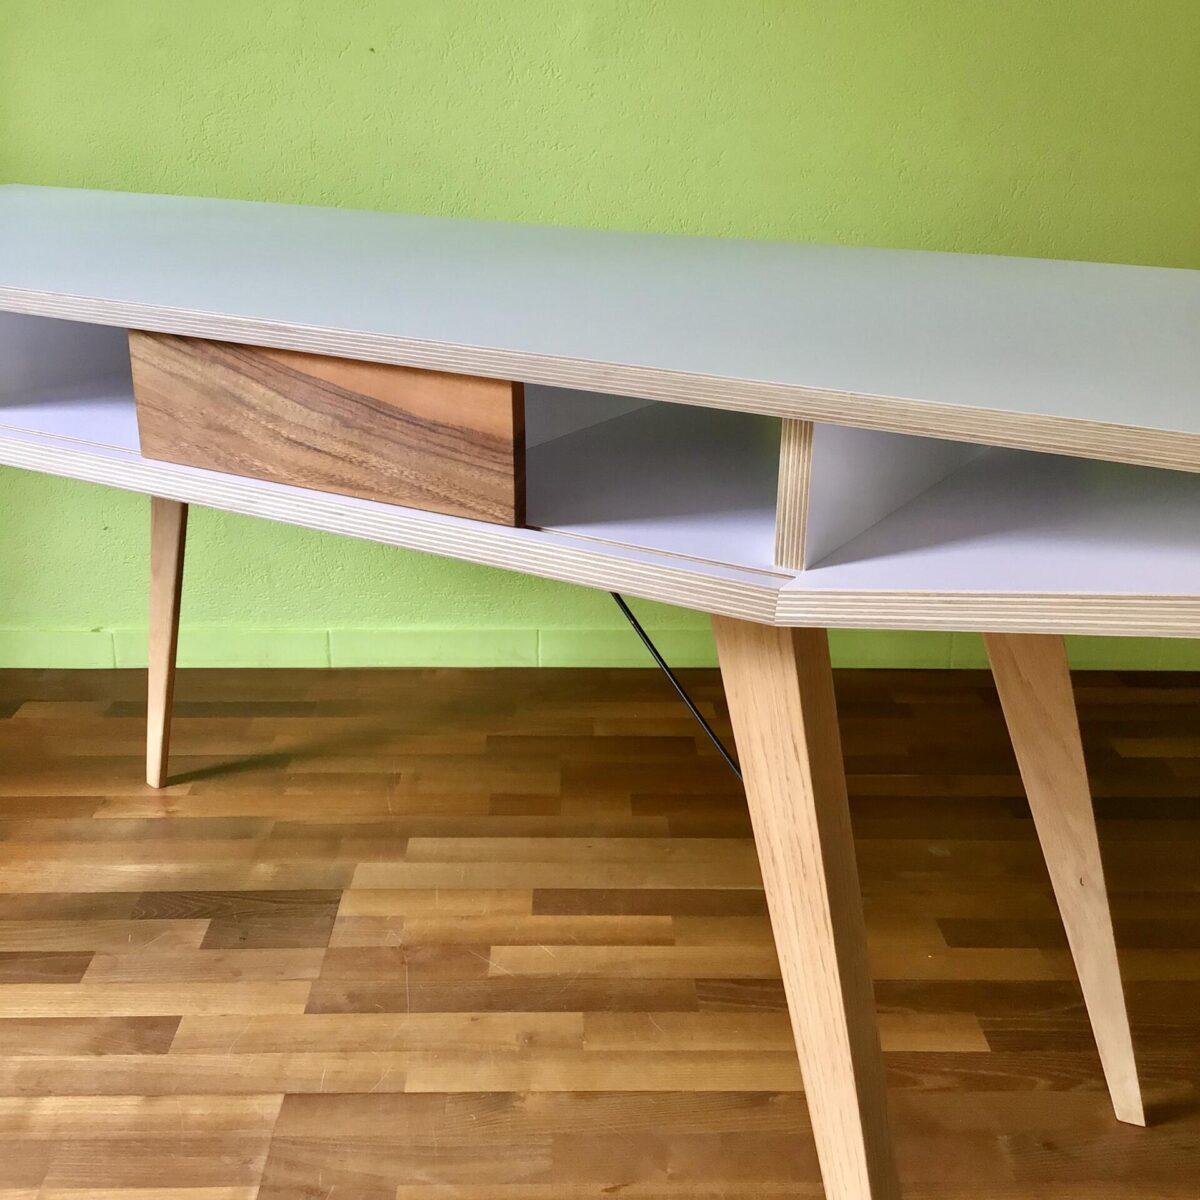 Schreibtisch 160 x 60cm Höhe 76.5cm. Der Tisch ist eine Eigenkreation, aus Birkensperrholz mit weisser Melamin Beschichtung. Tischbeine Eiche Massivholz, mit feinen Metallverstrebungen. Unter dem Tischblatt befinden sich fünf Ablagefächer. Zwei kleine Schiebetüren aus Nussbaum geben dem Tisch seinen Charakter. Dieser Schreibtisch zeichnet sich durch seine hochwertigen Materialien aus. Die weisse Tischoberfläche bietet einen ruhigen, pflegeleichten Arbeitsplatz.